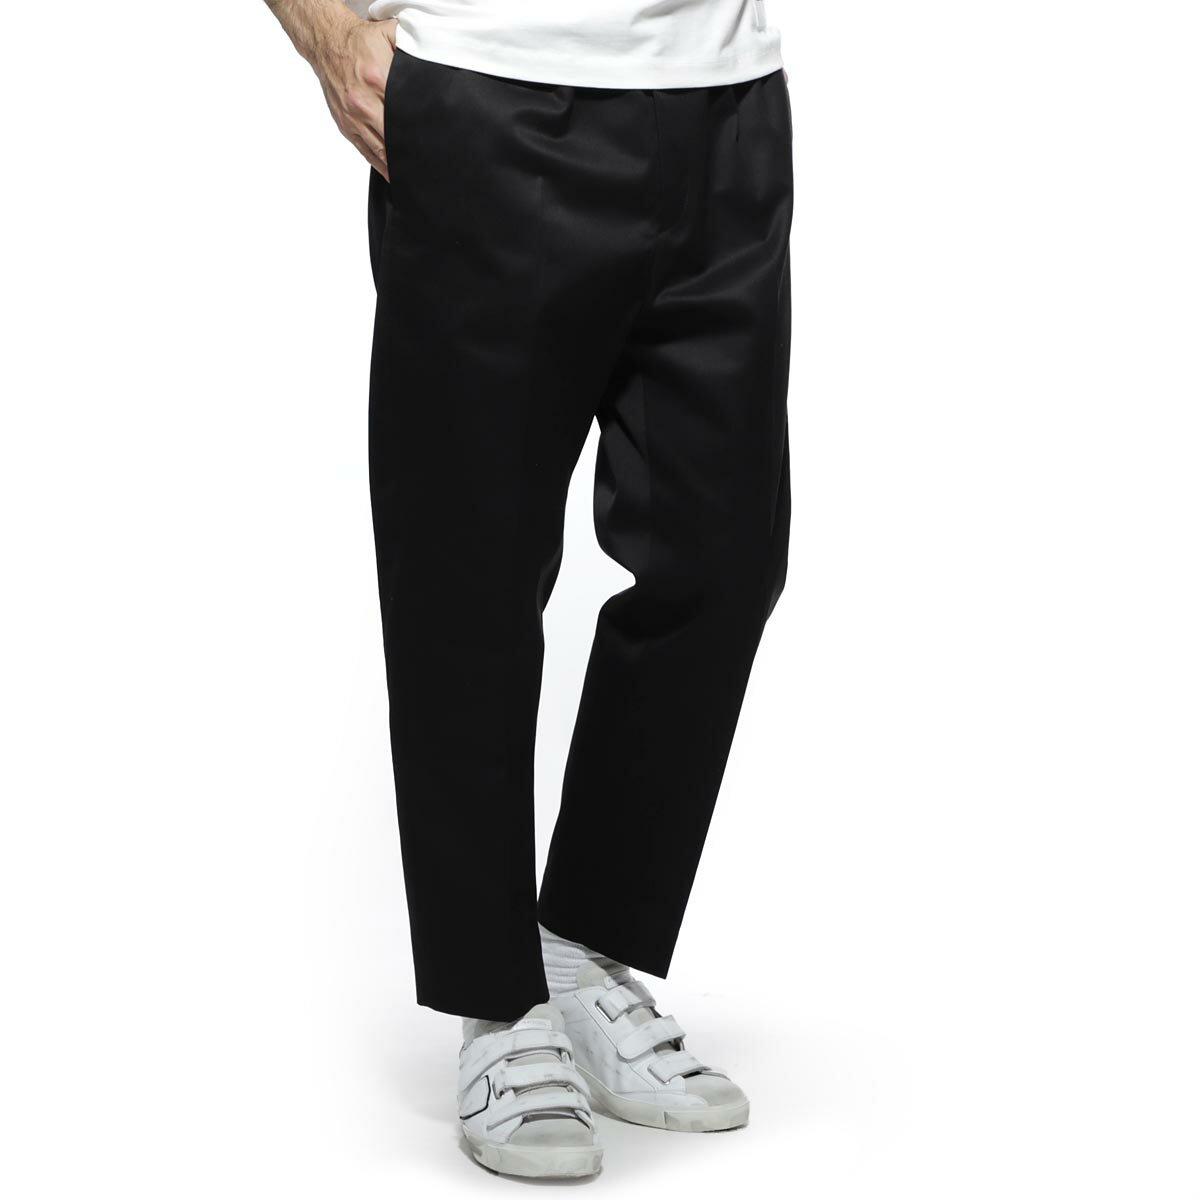 メンズファッション, ズボン・パンツ  JIL SANDER jsmq311331 mq451000 001